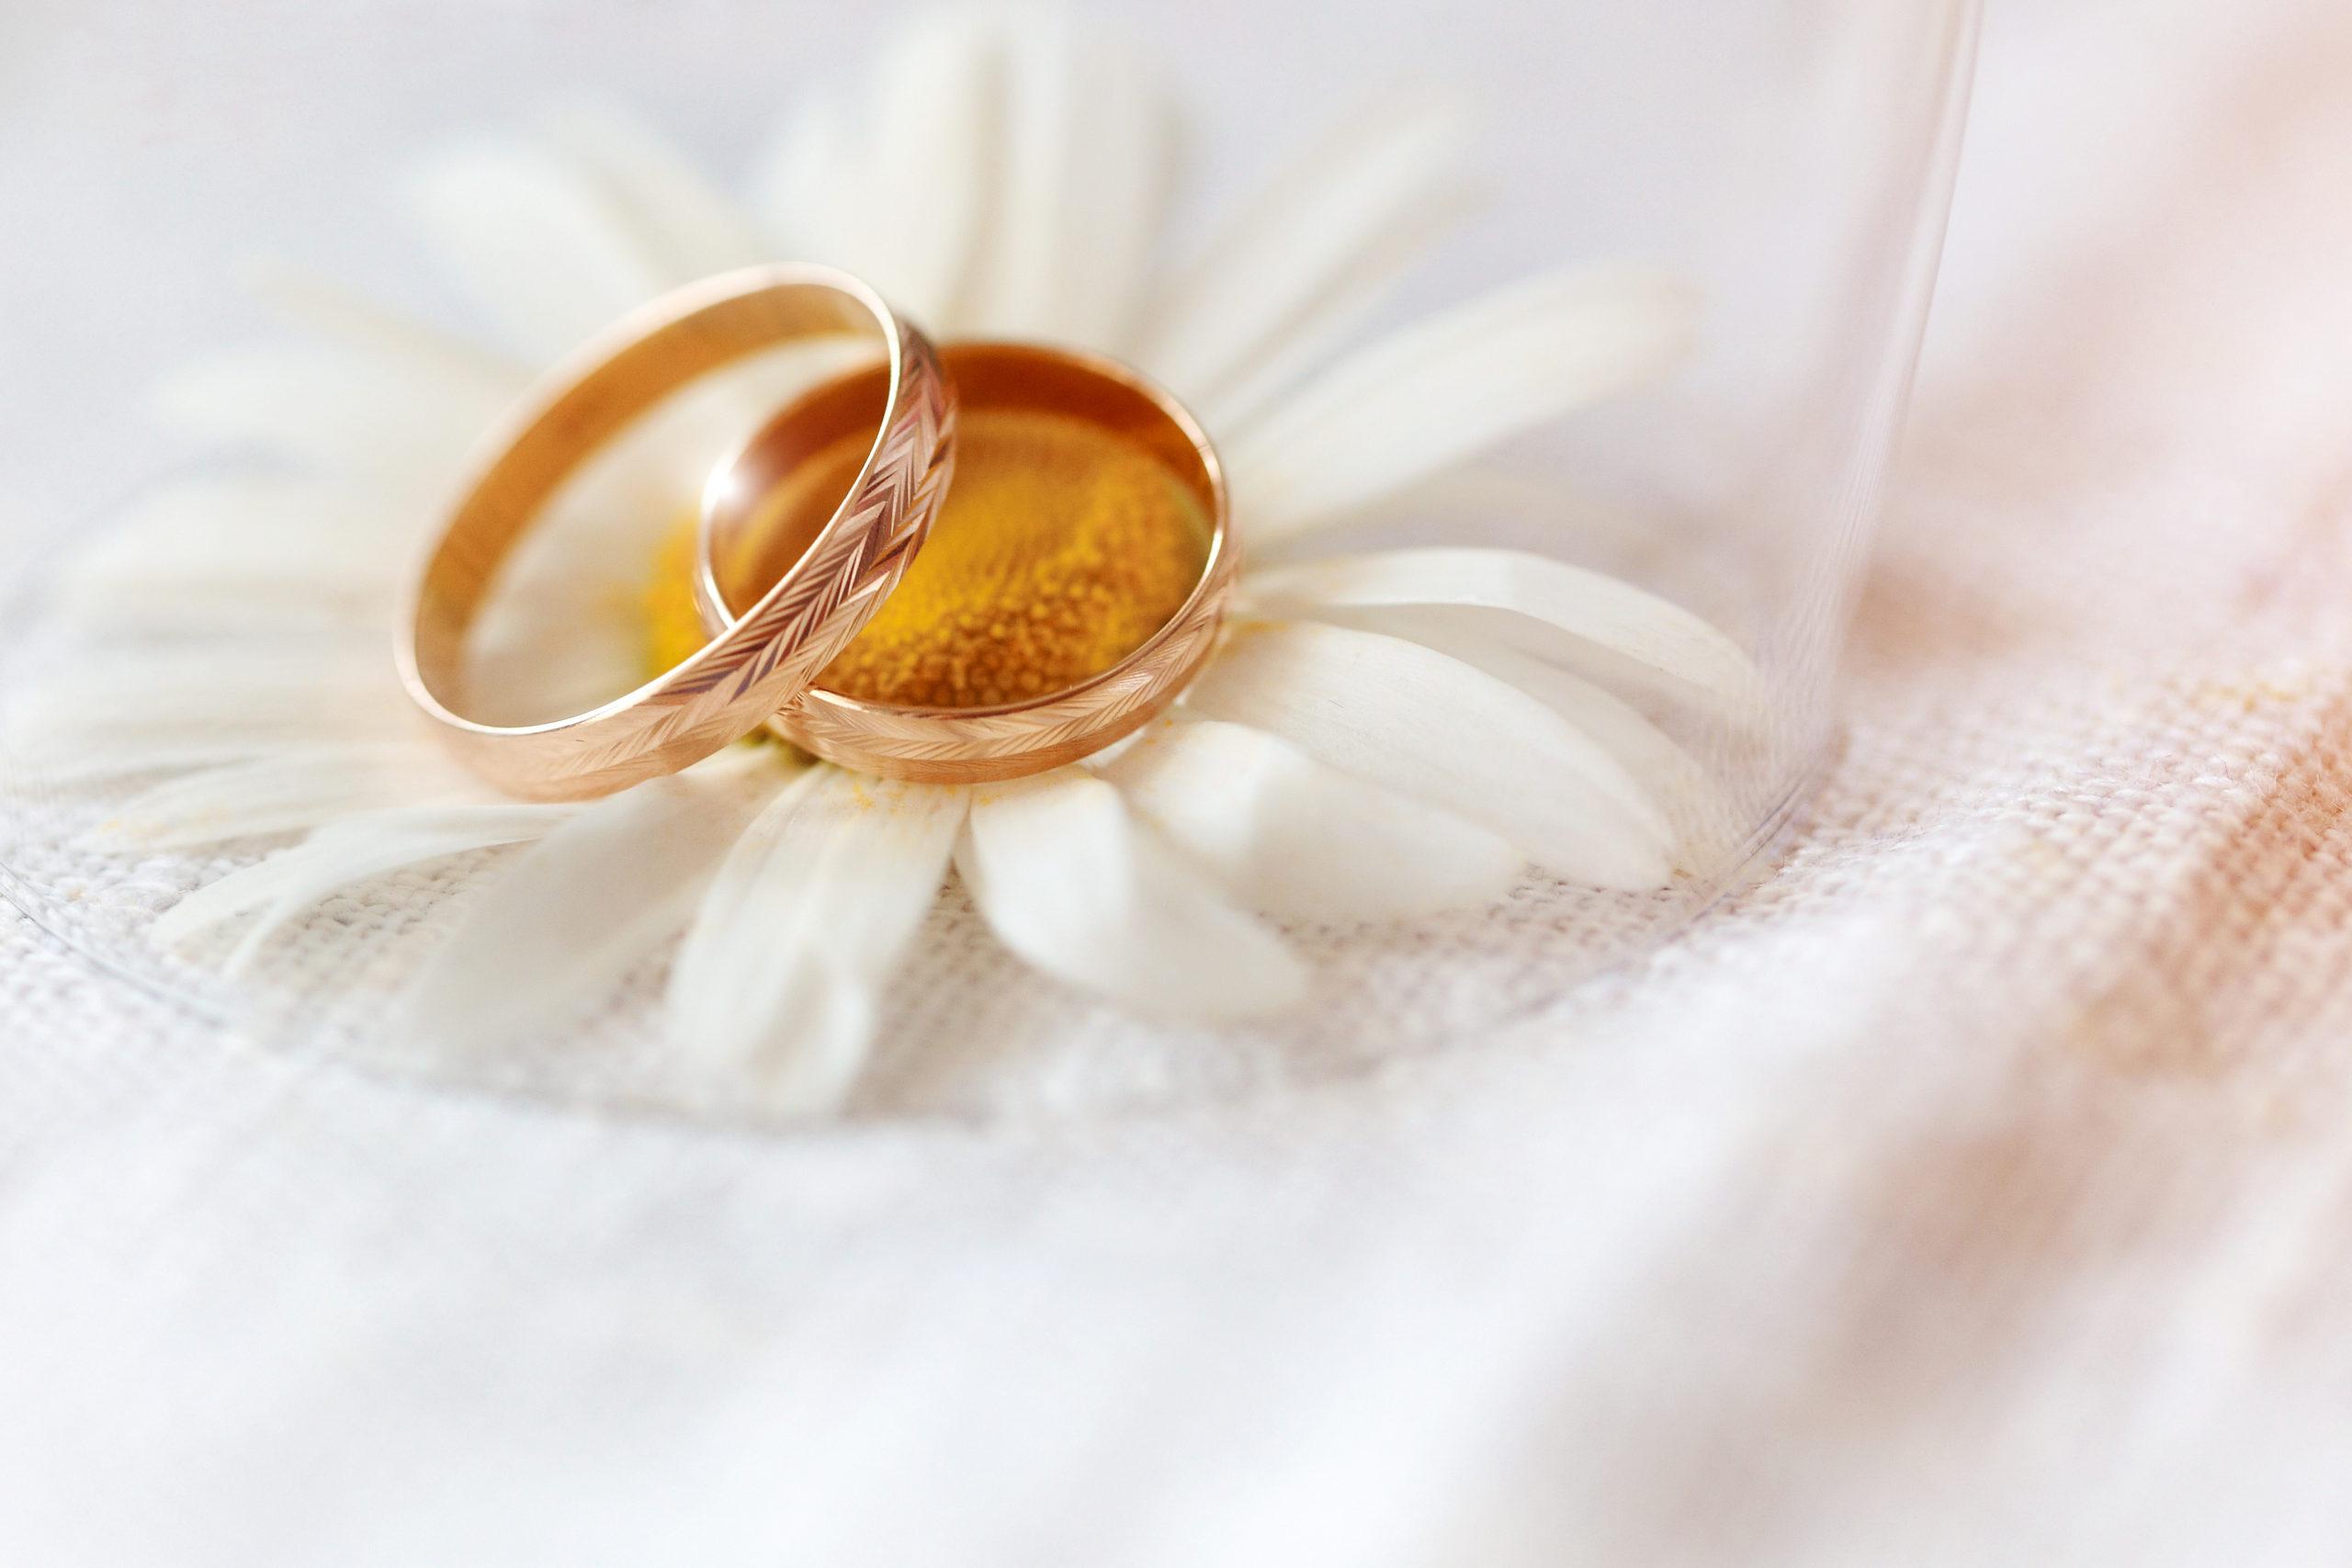 wedding-rings-wildflowers-daisies-concept-weddings-655799839